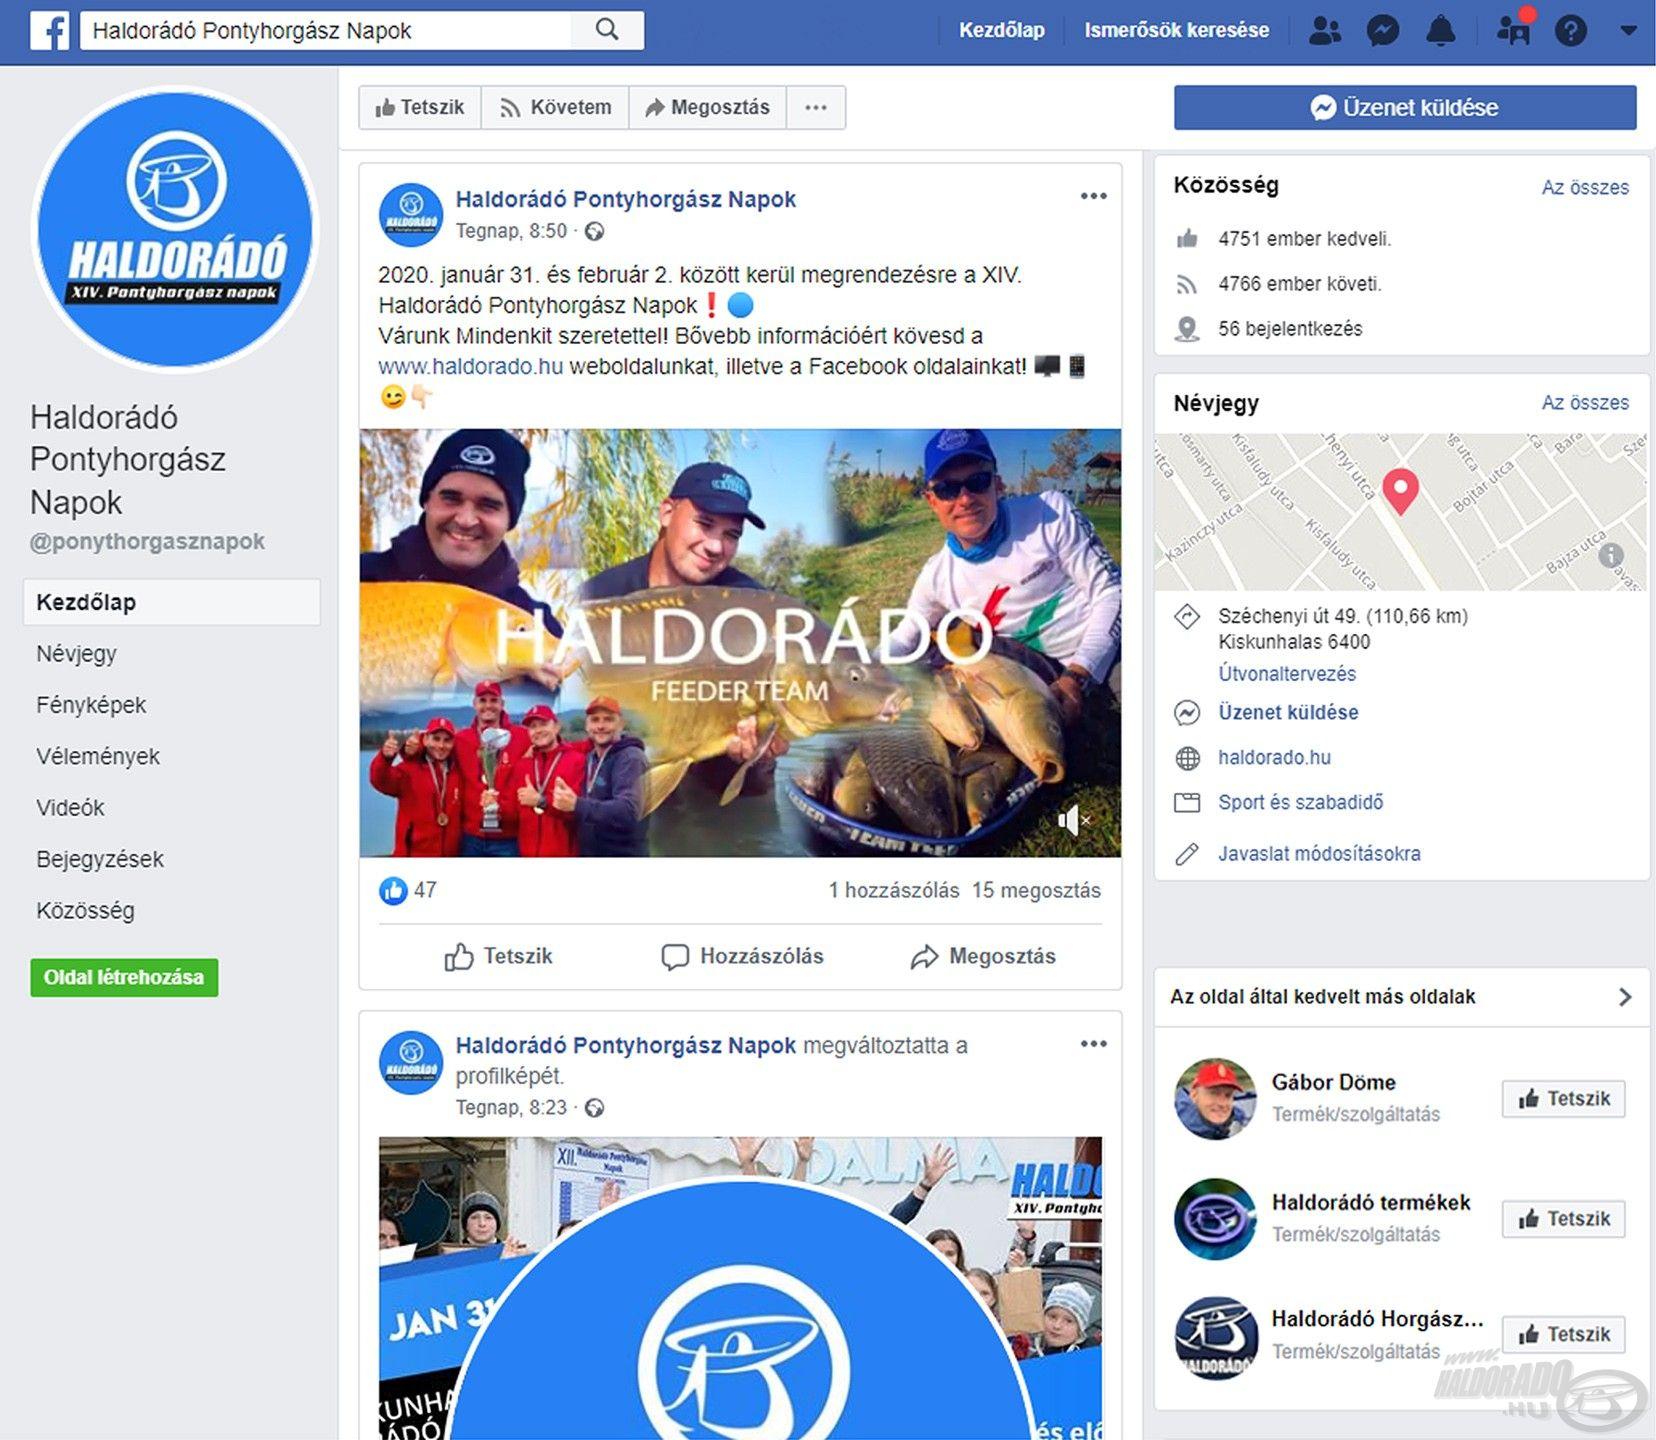 Érdemes figyelemmel kísérni az esemény Facebook-oldalát is, mert itt minden nap találkozhattok hasznos új információkkal!